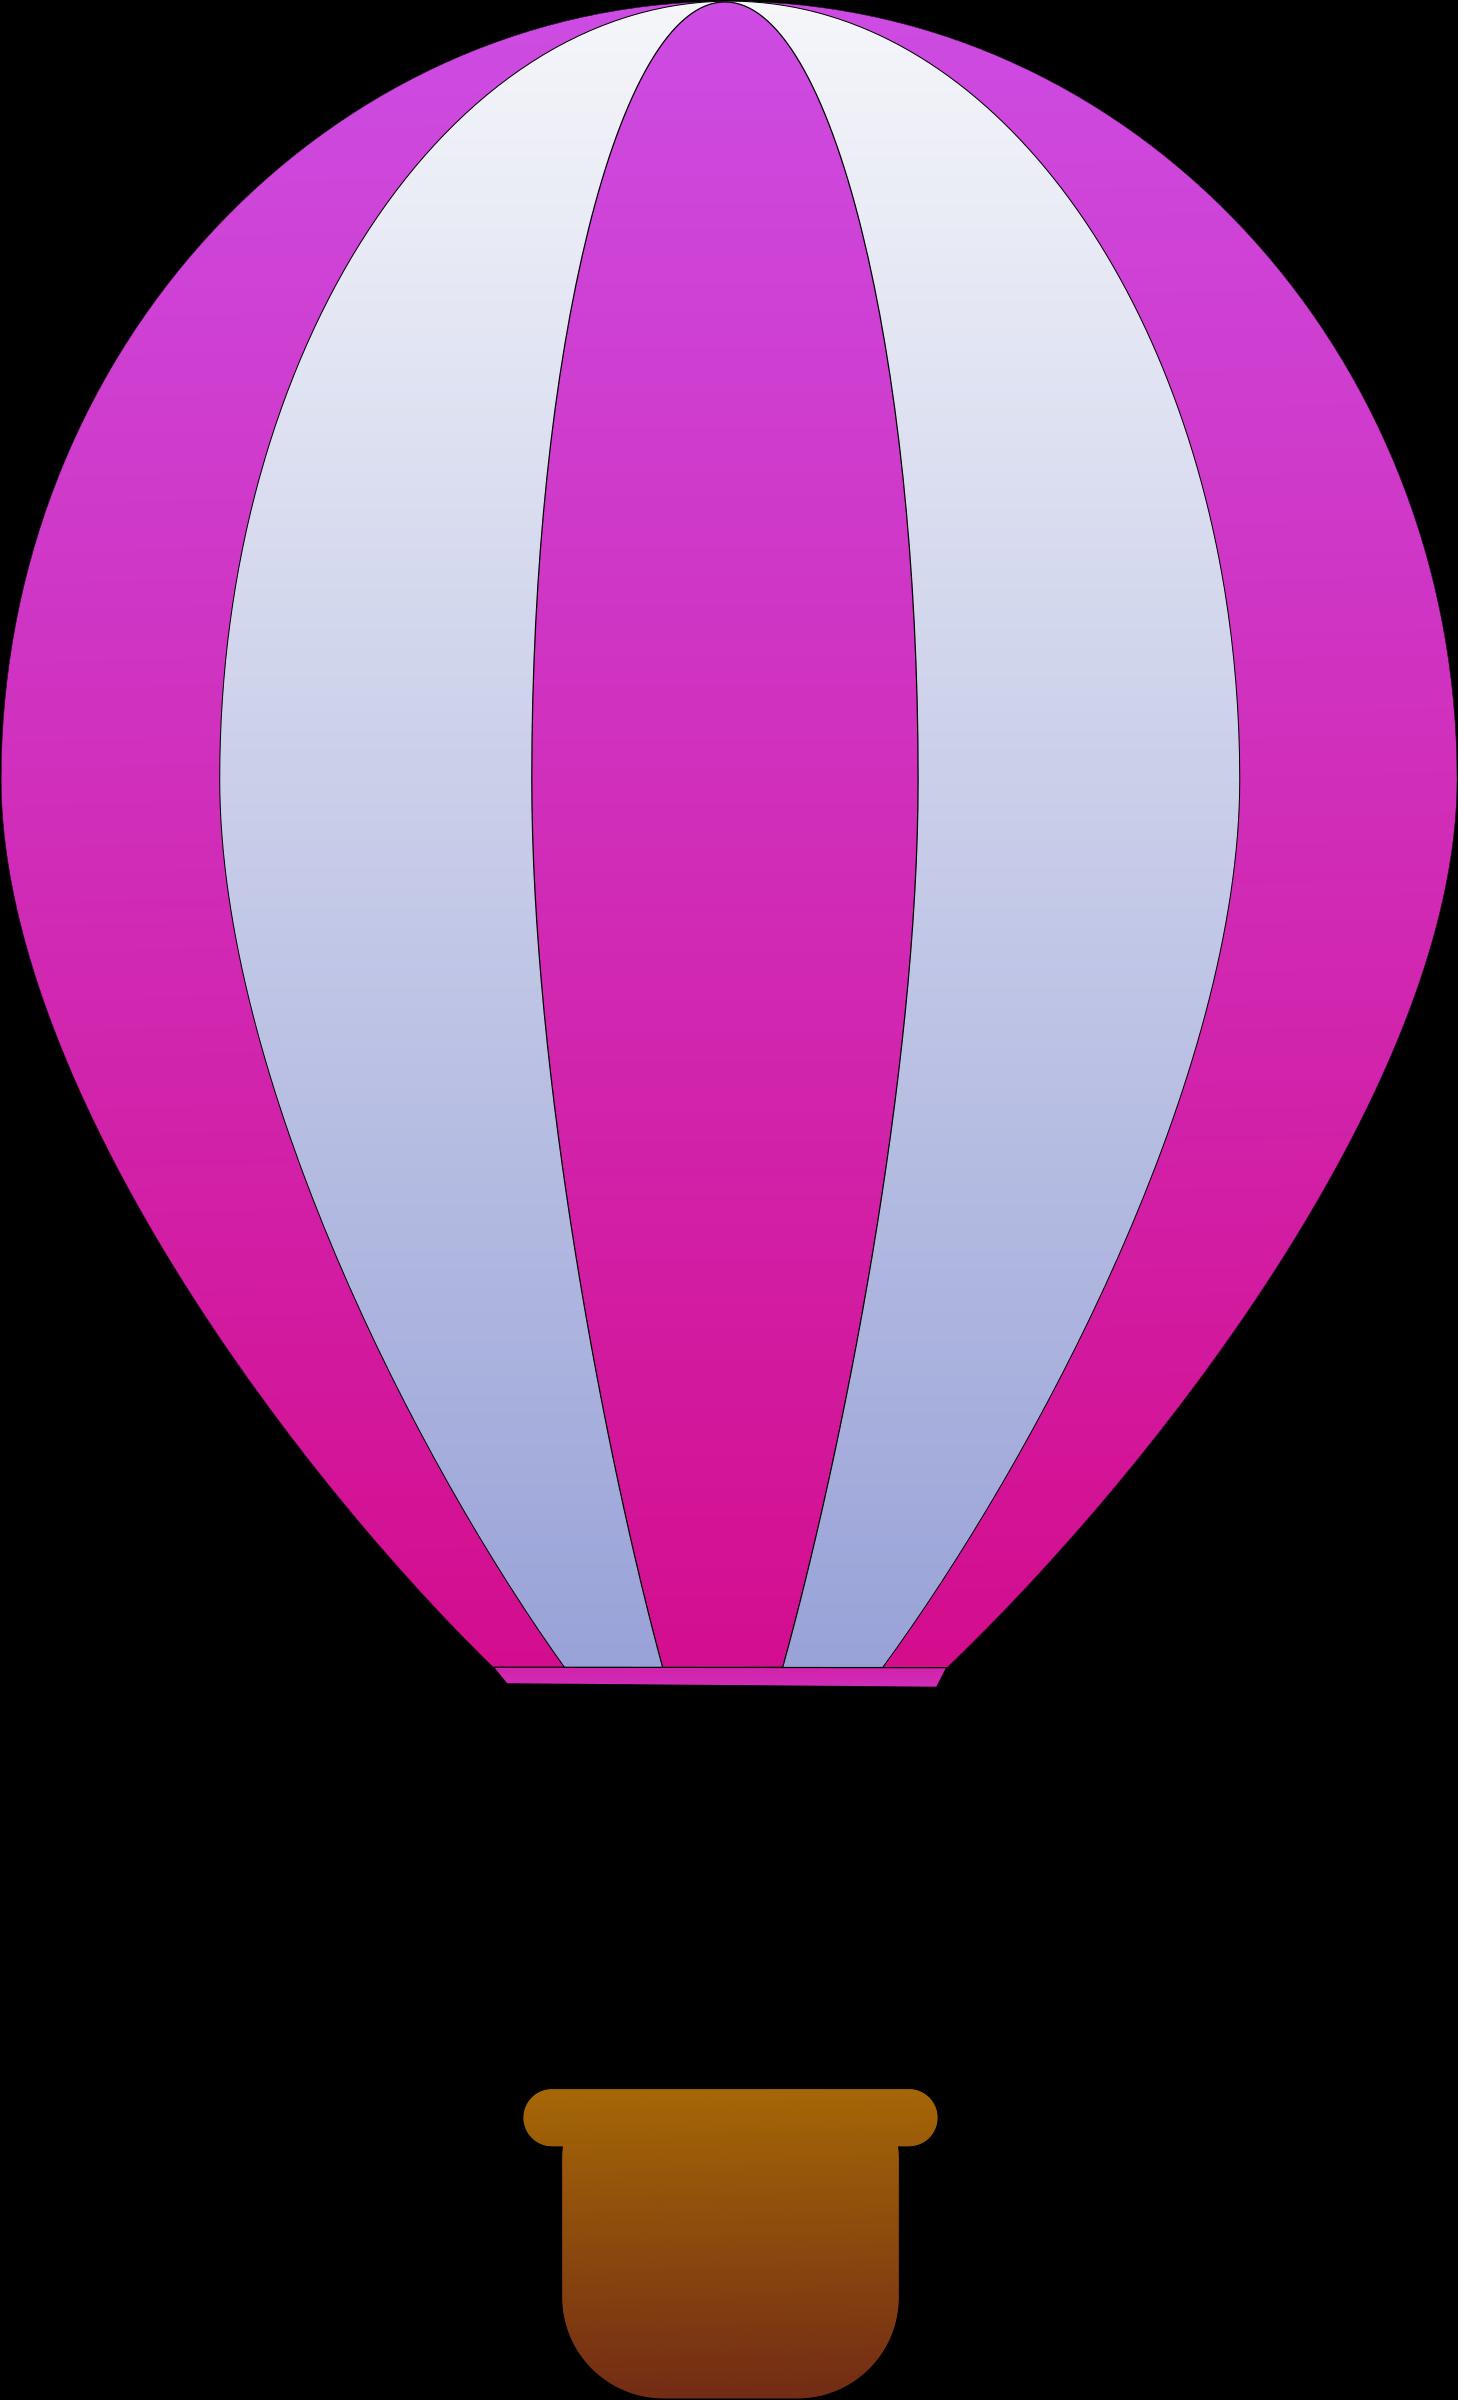 Hot Air Balloon Clip Art